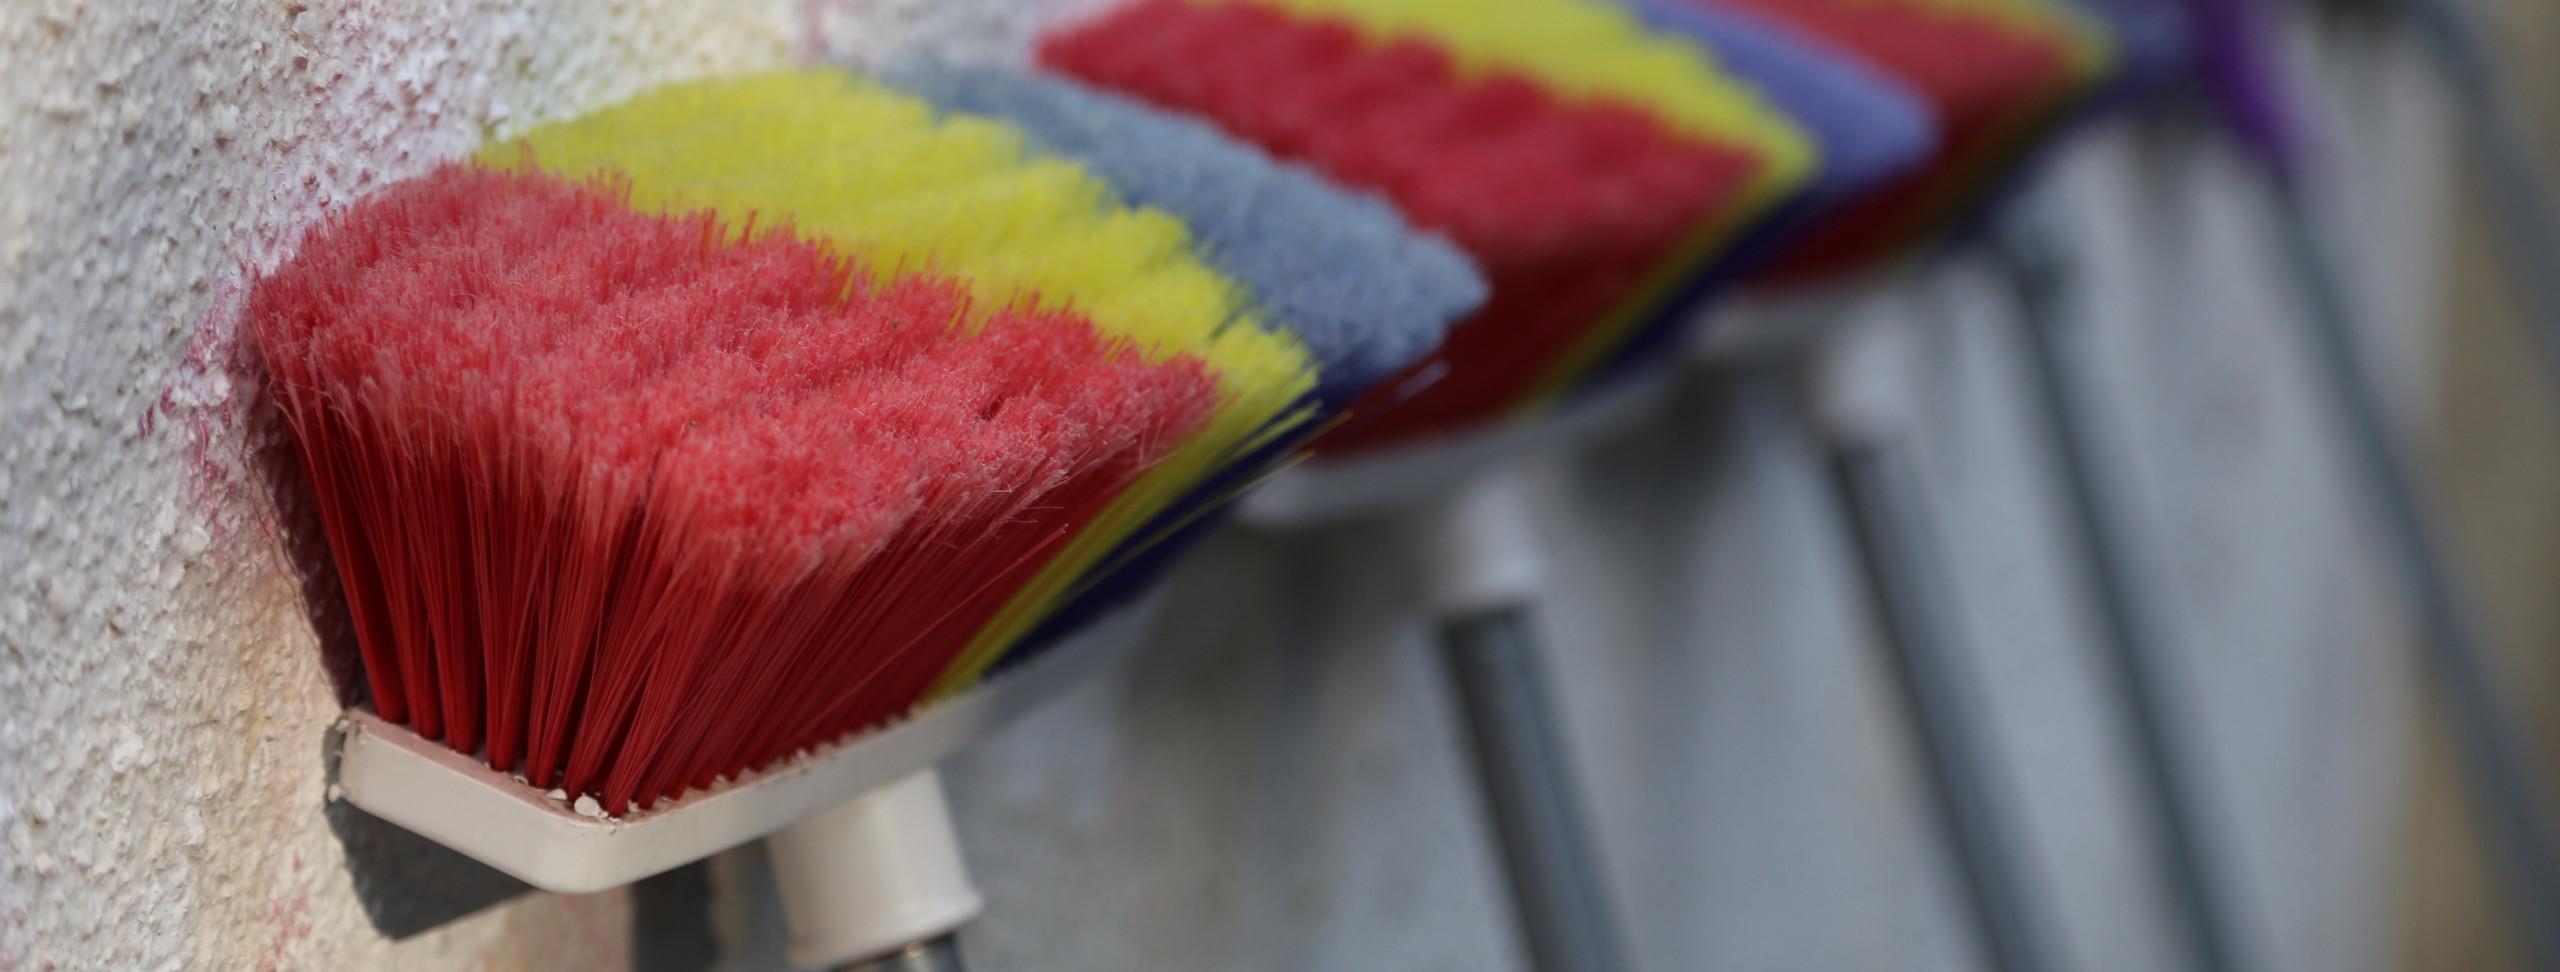 vassoura-limpeza-cerdas-piso-madeira-cuidados-dicas